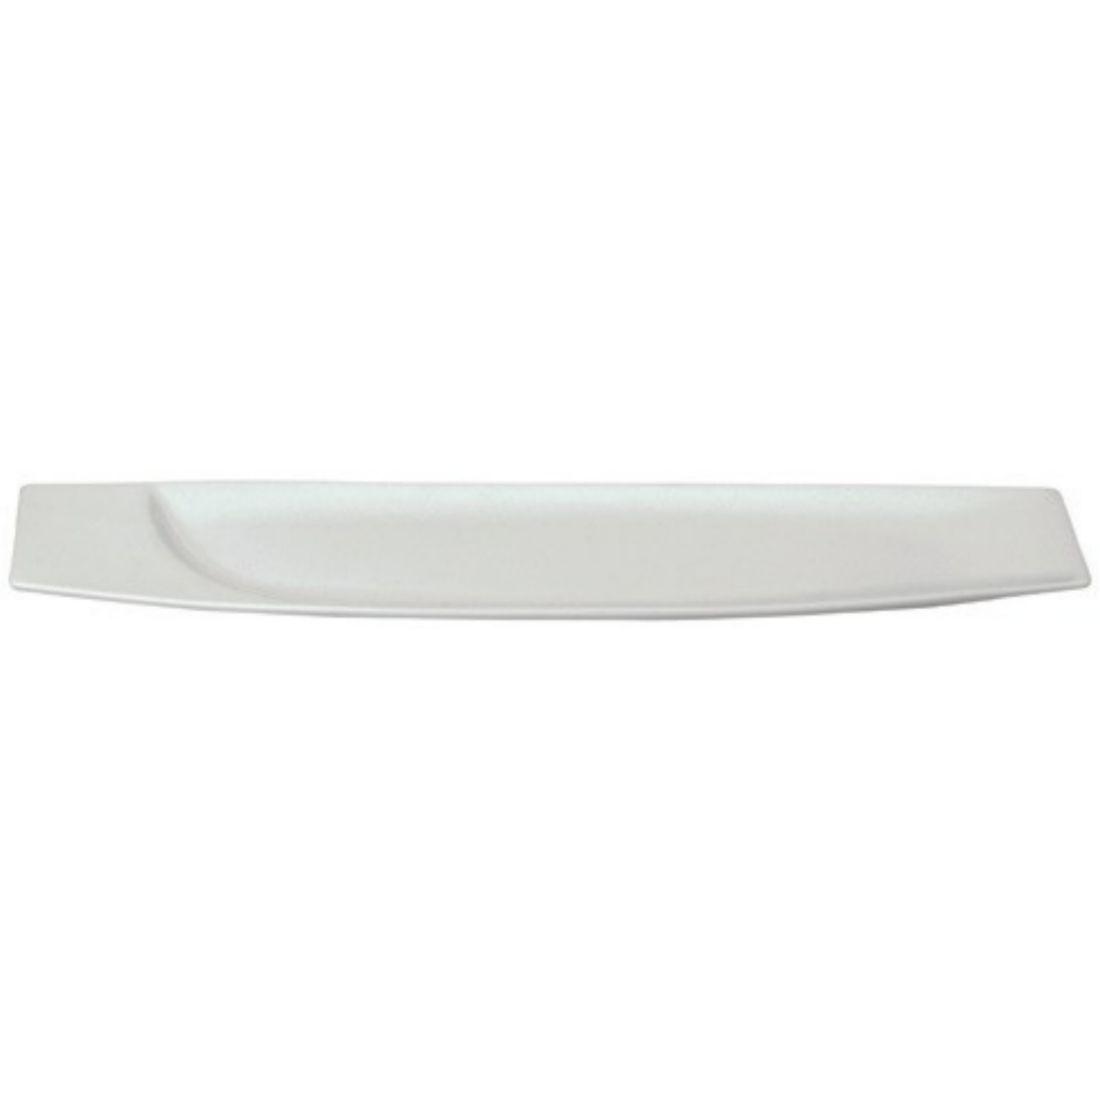 Mazza talíř obdélný  50 x 11 cm